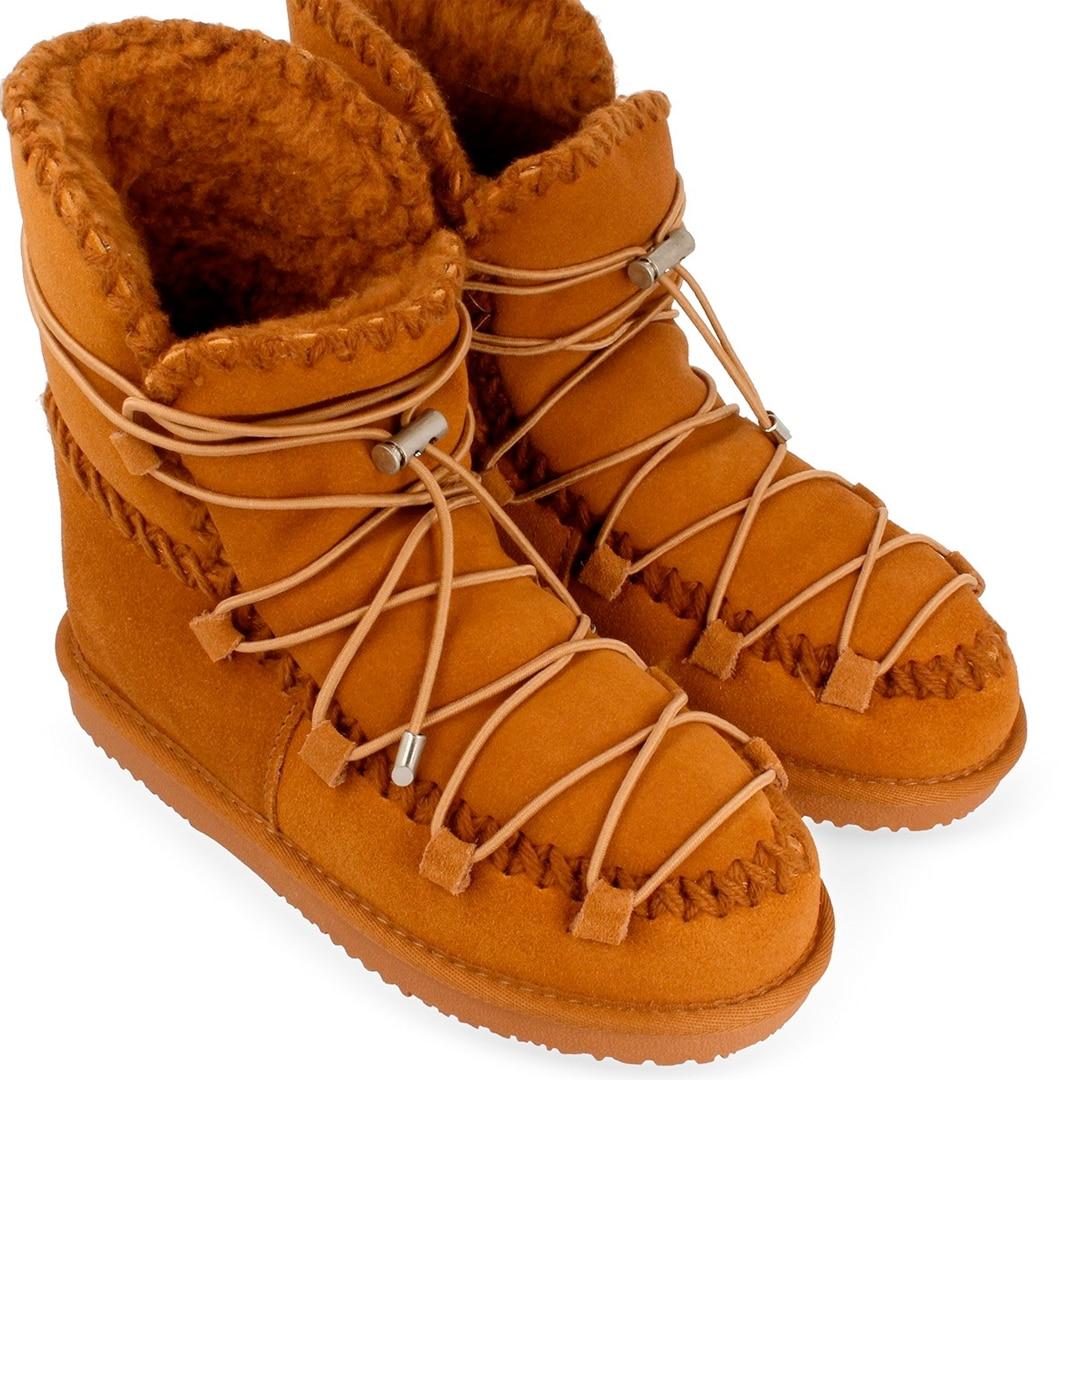 Brown bota con cordones por Gioseppo esquimal in Botas hasta